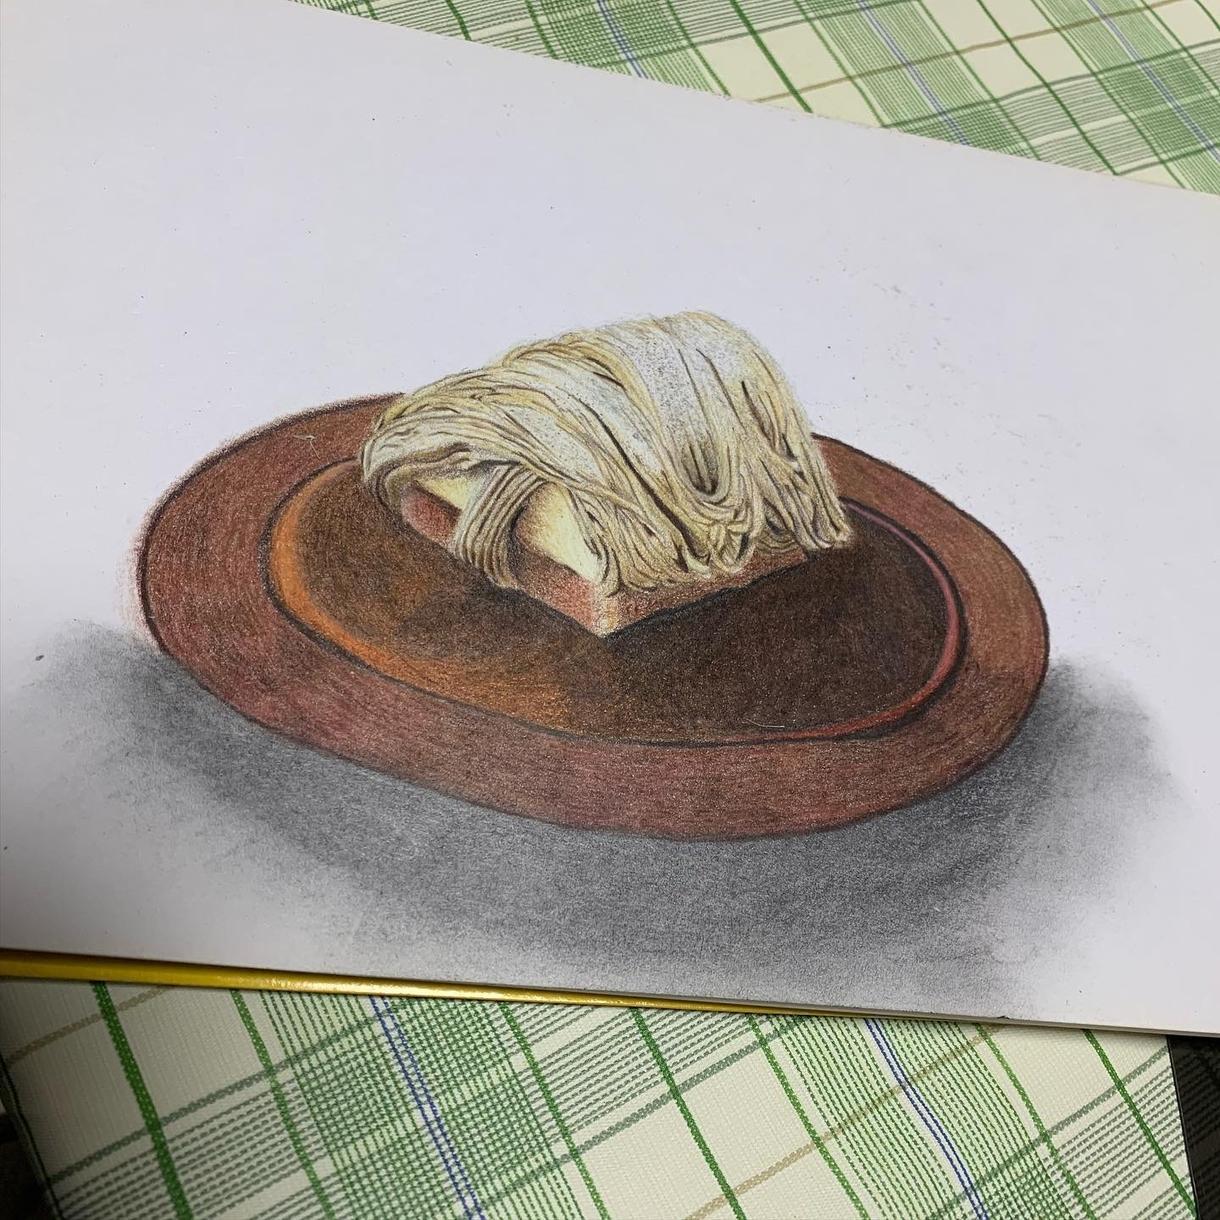 リアルなアナログ絵、メッセージ性のある絵描きます 鉛筆や色鉛筆を使用して描かせていただきます。